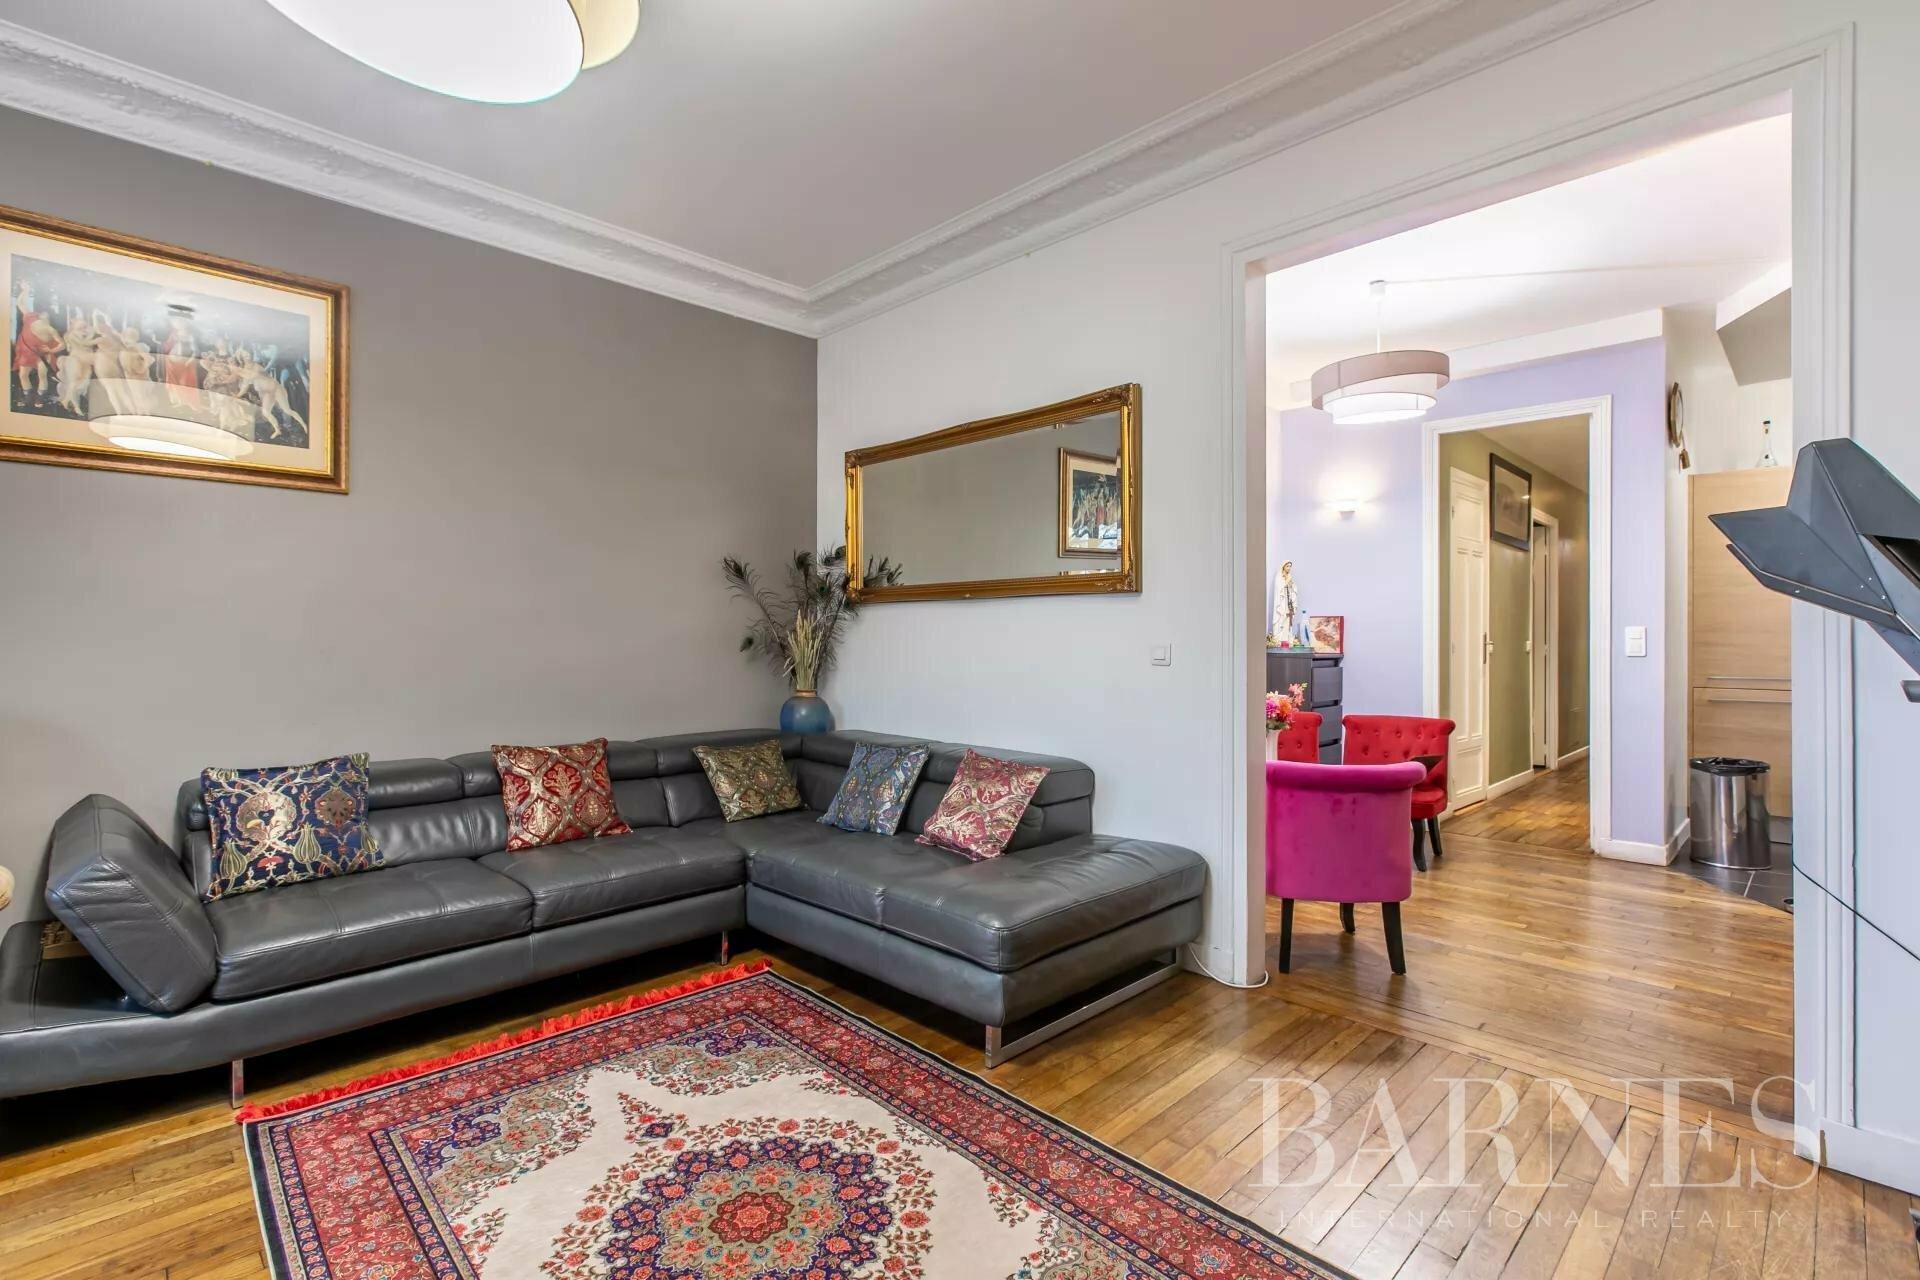 Apartment in Paris, Île-de-France, France 1 - 11359915